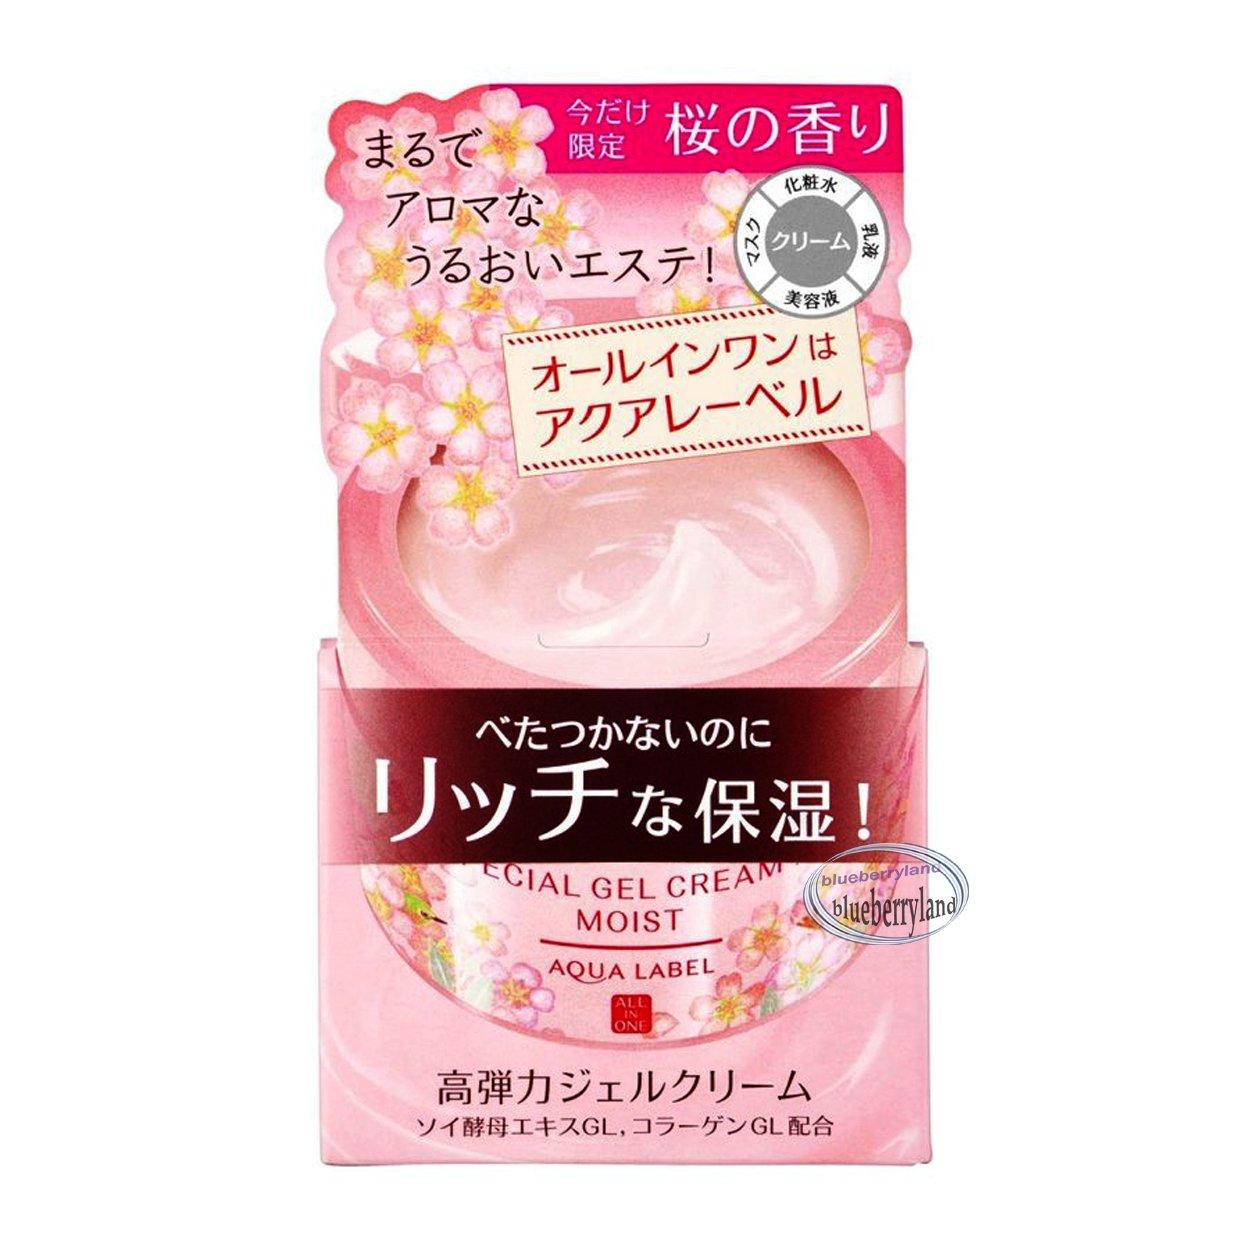 Shiseido Aqualabel Special Face Facial Gel Cream Moist 90g Moisturizer Sakura Edition